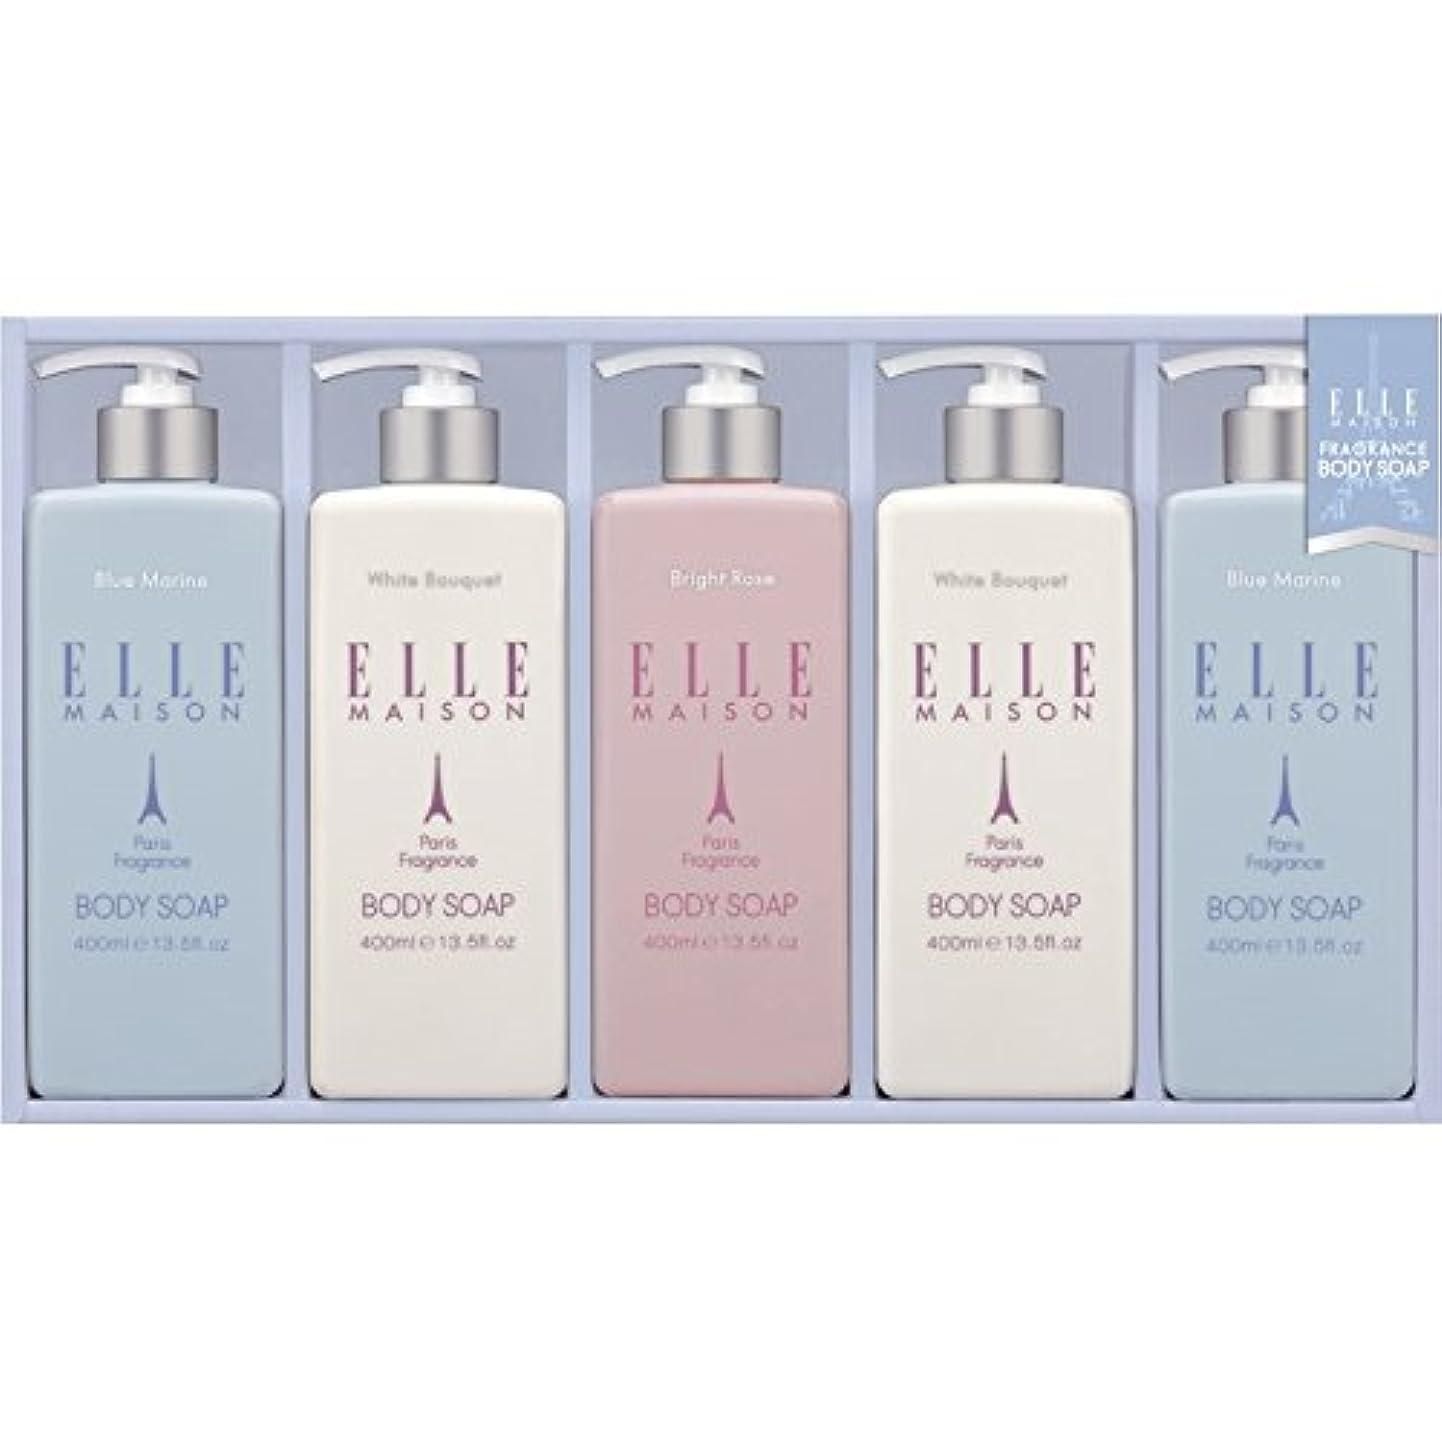 試み偽善者時間ELLE MAISON ボディソープギフト EBS-25 【保湿 いい匂い うるおい 液体 しっとり 良い香り やさしい 女性 贅沢 全身 美肌 詰め合わせ お風呂 バスタイム 洗う 美容】